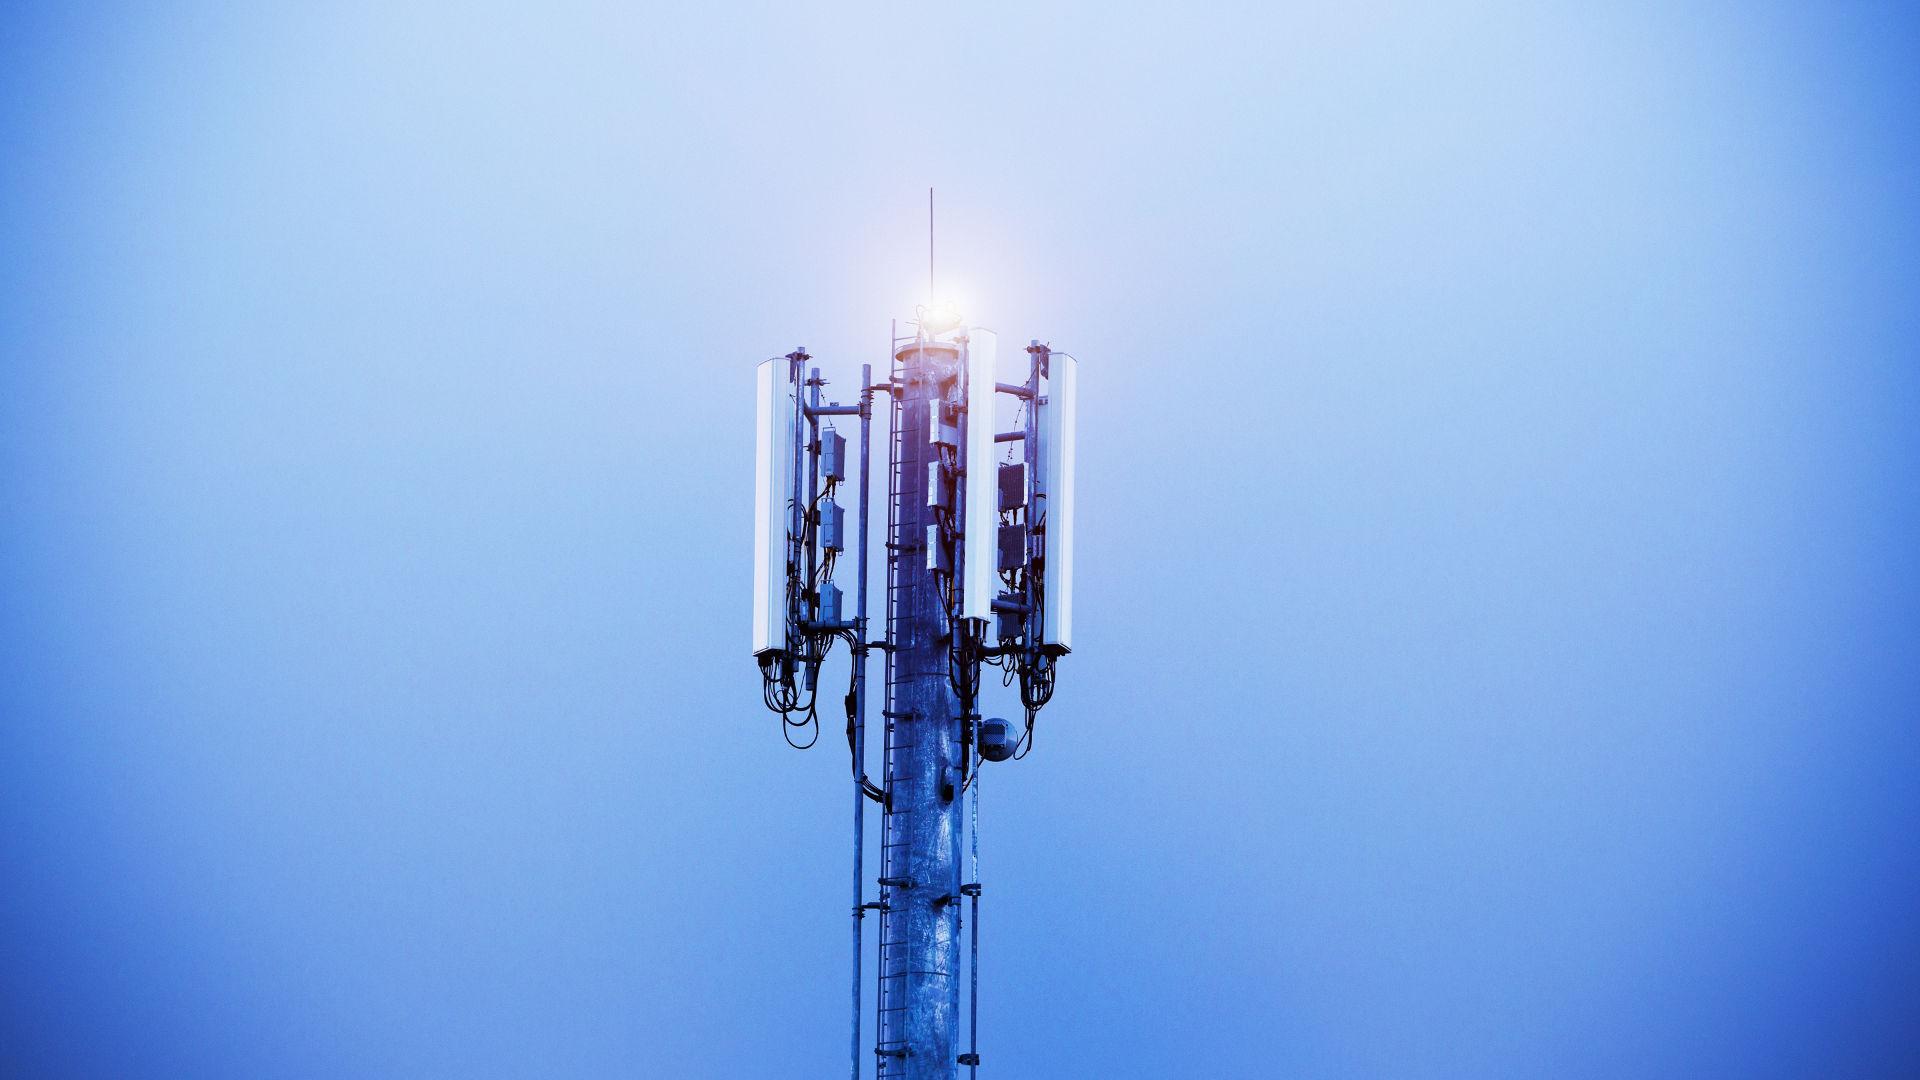 nbn antenna 2.jpg